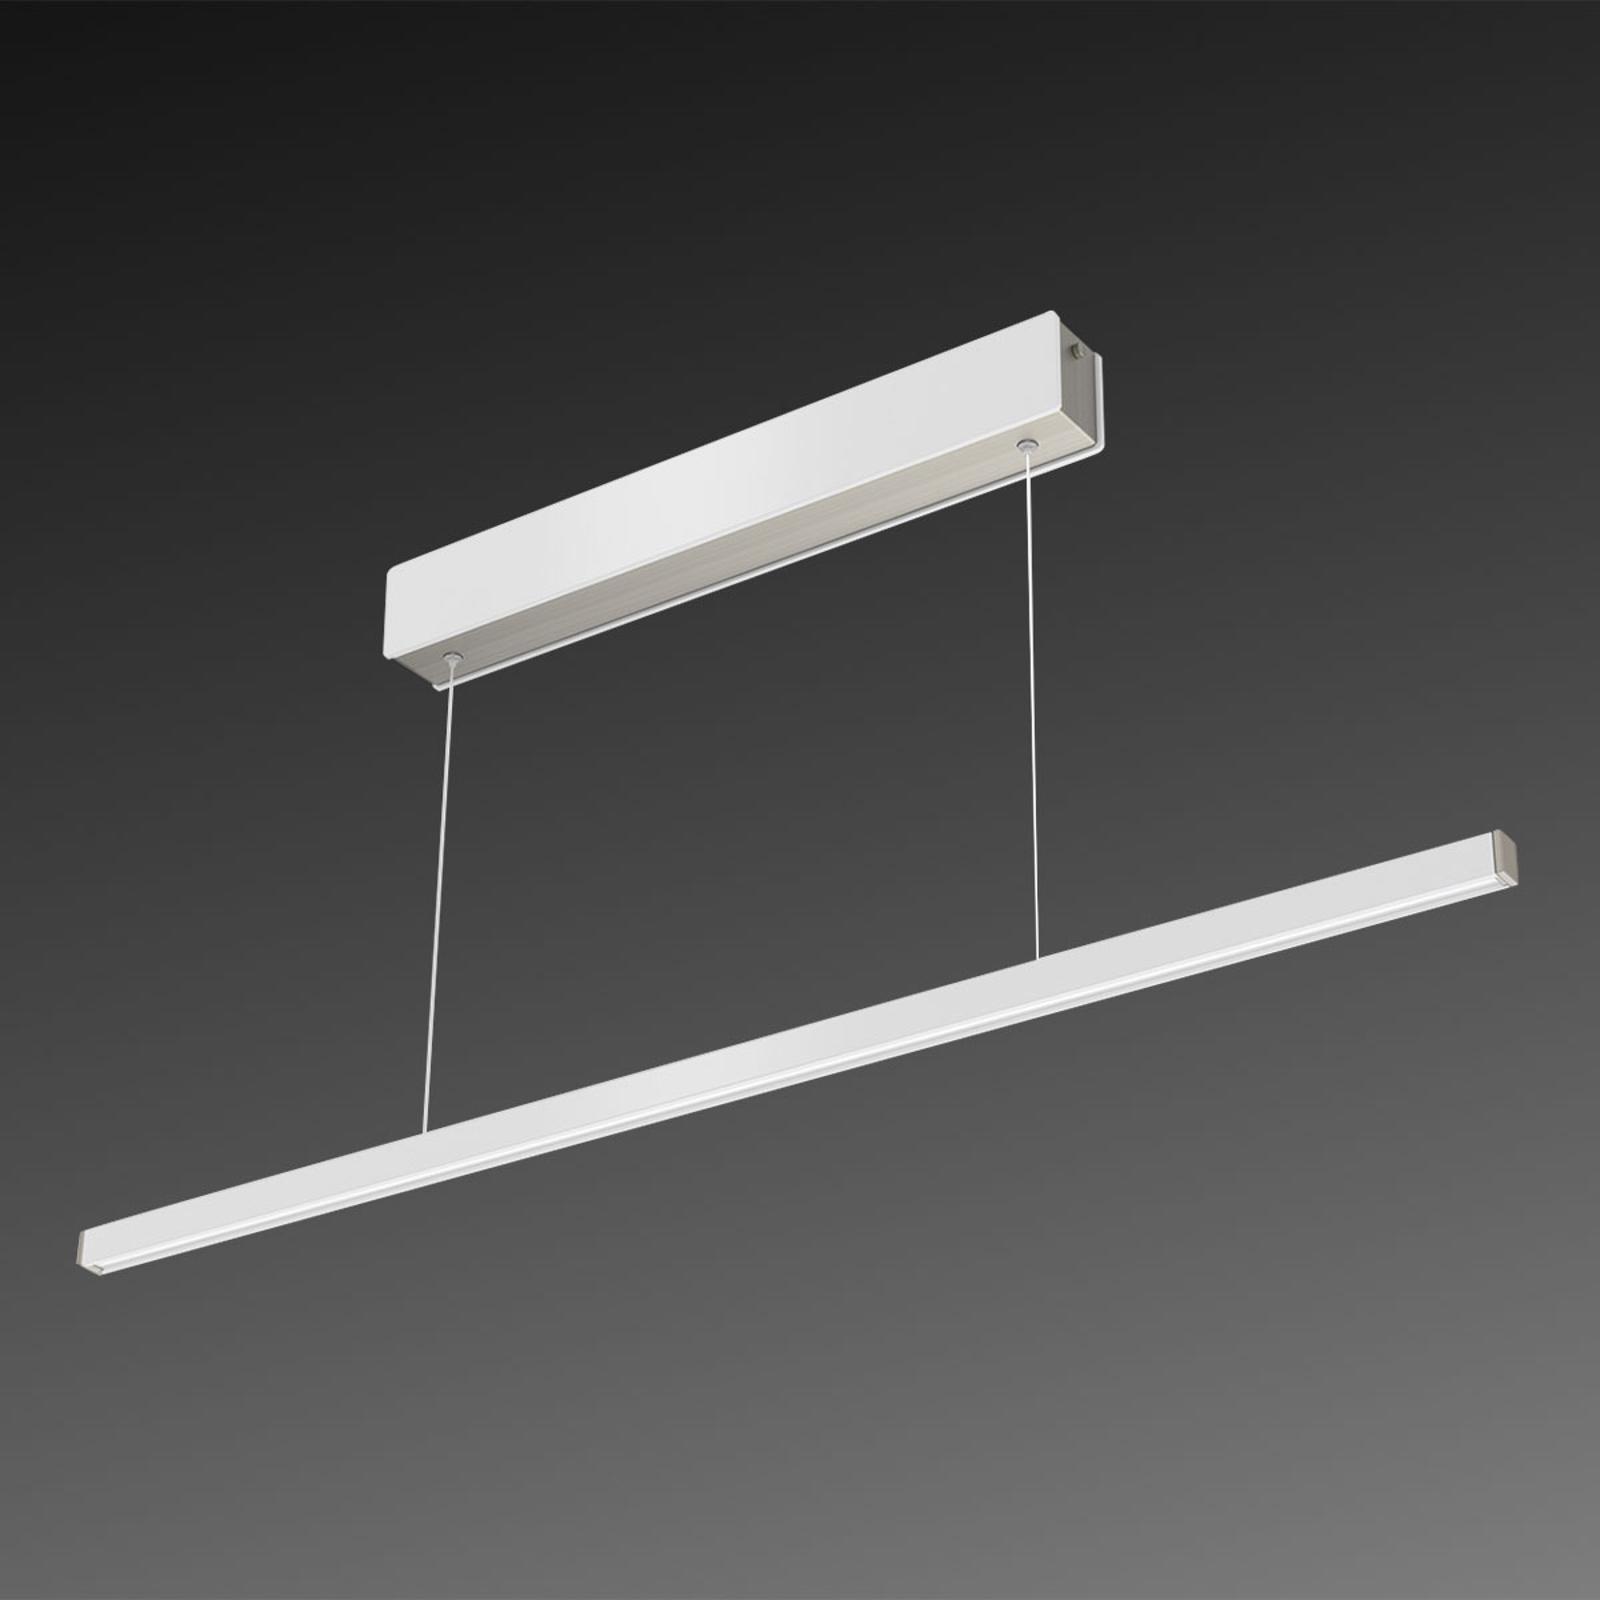 LED hanglamp Orix, wit, 90 cm lengte